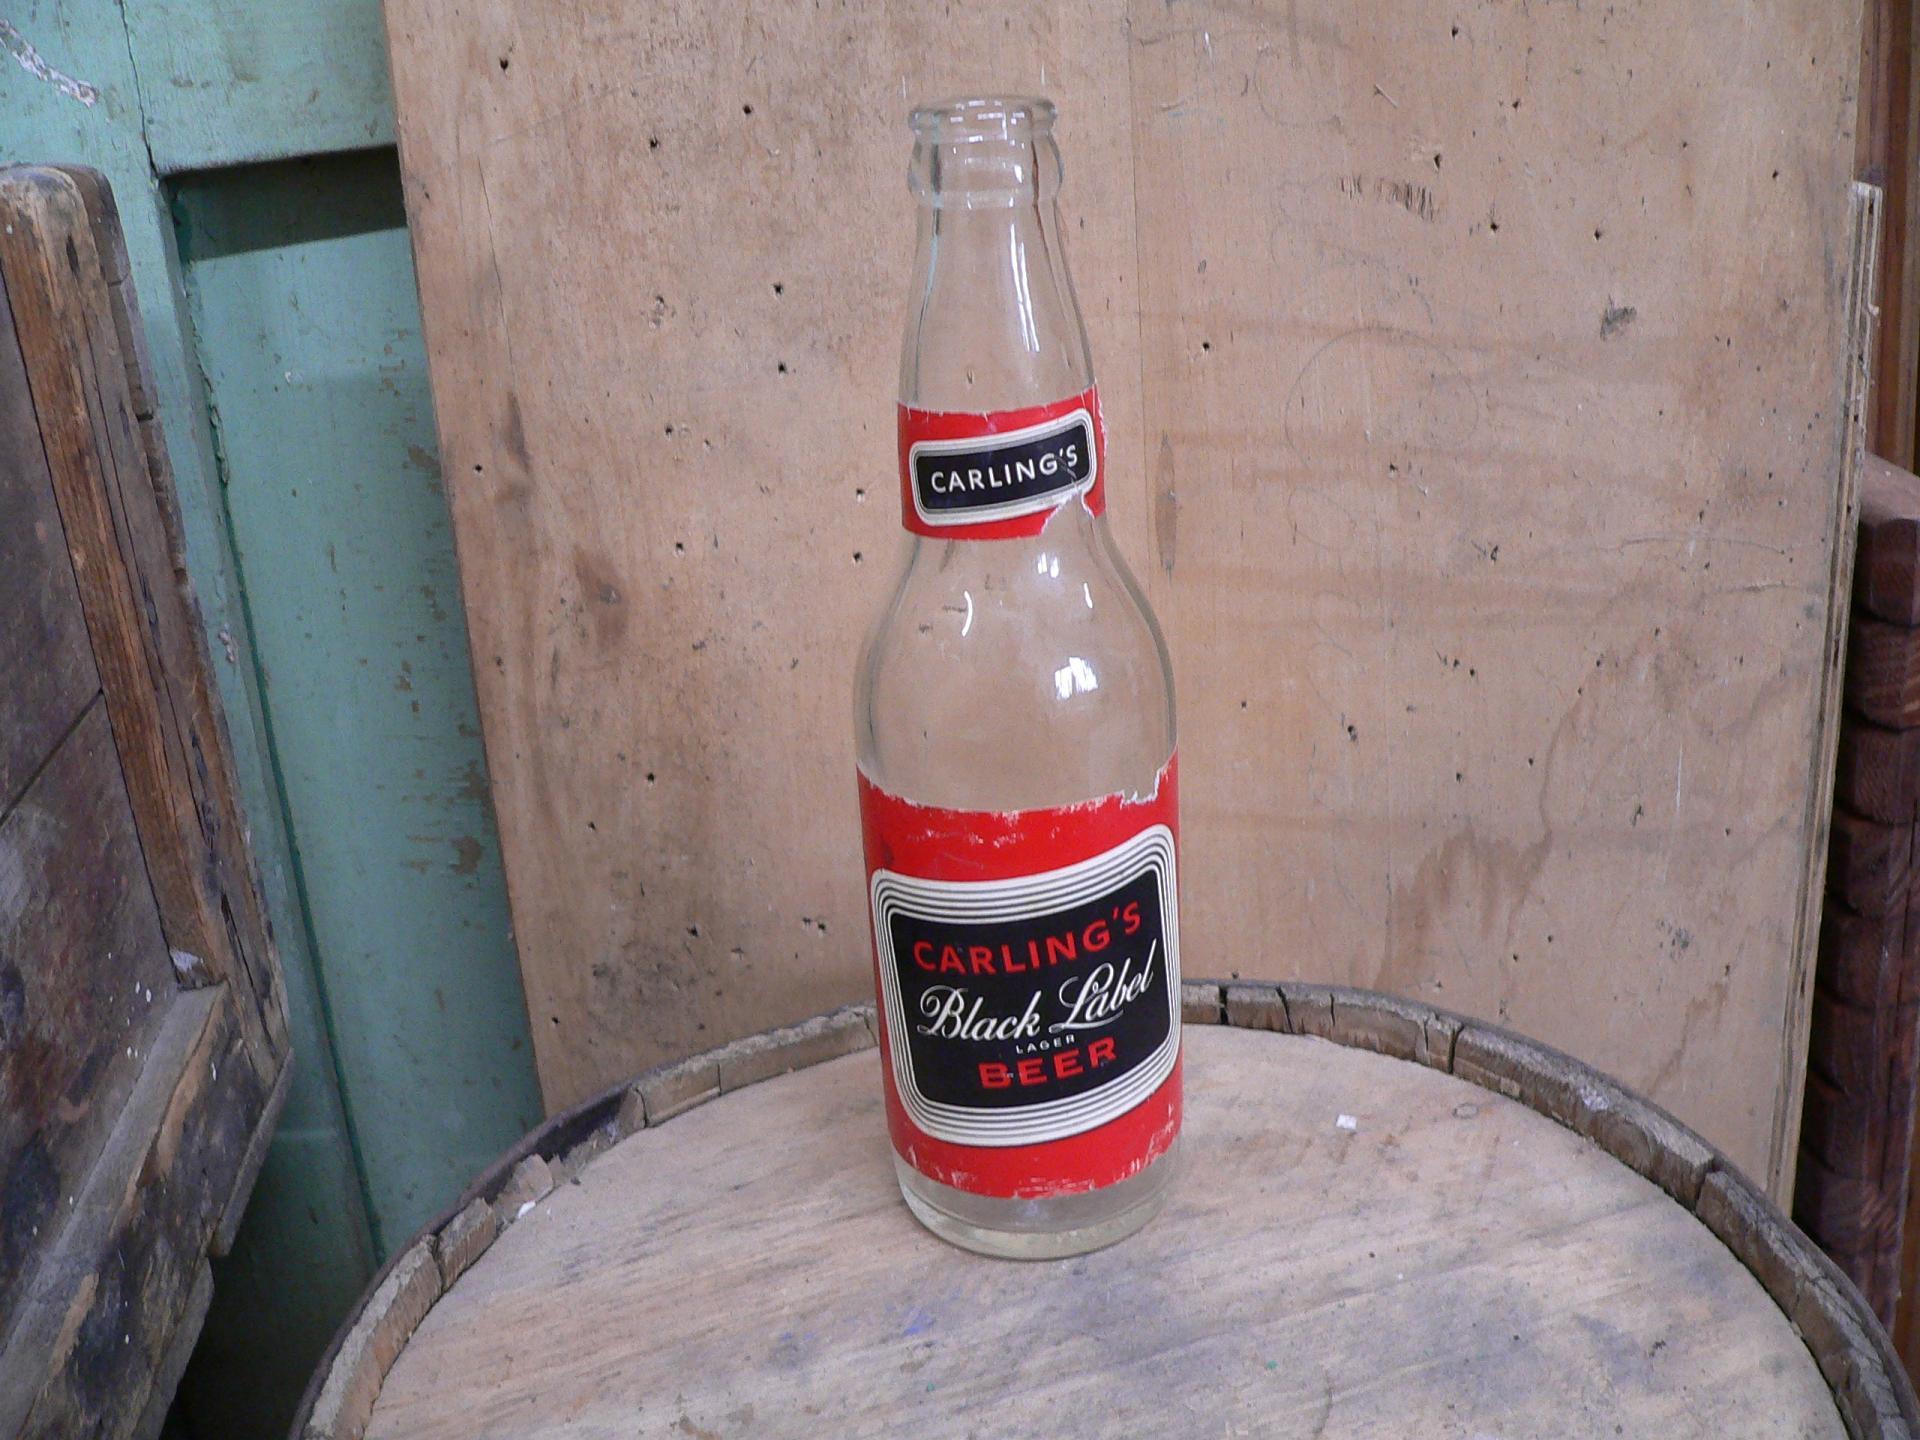 Bouteille antique carling's black label # 5434.3